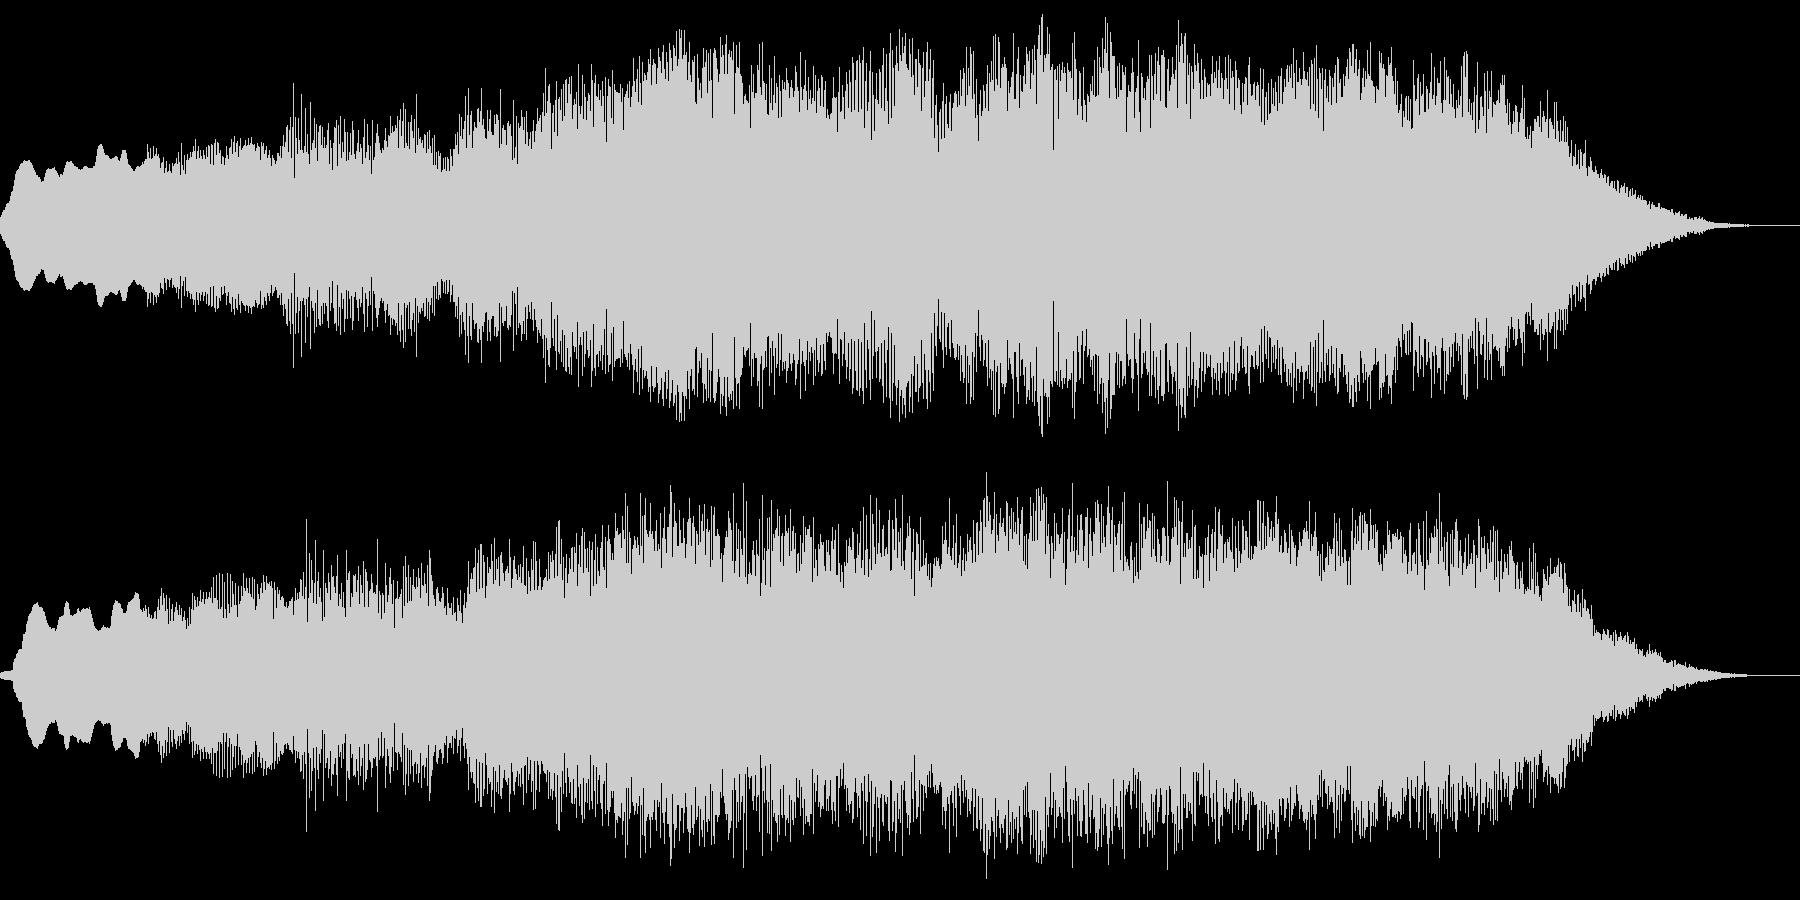 達成感のある管楽器によるジングルの未再生の波形